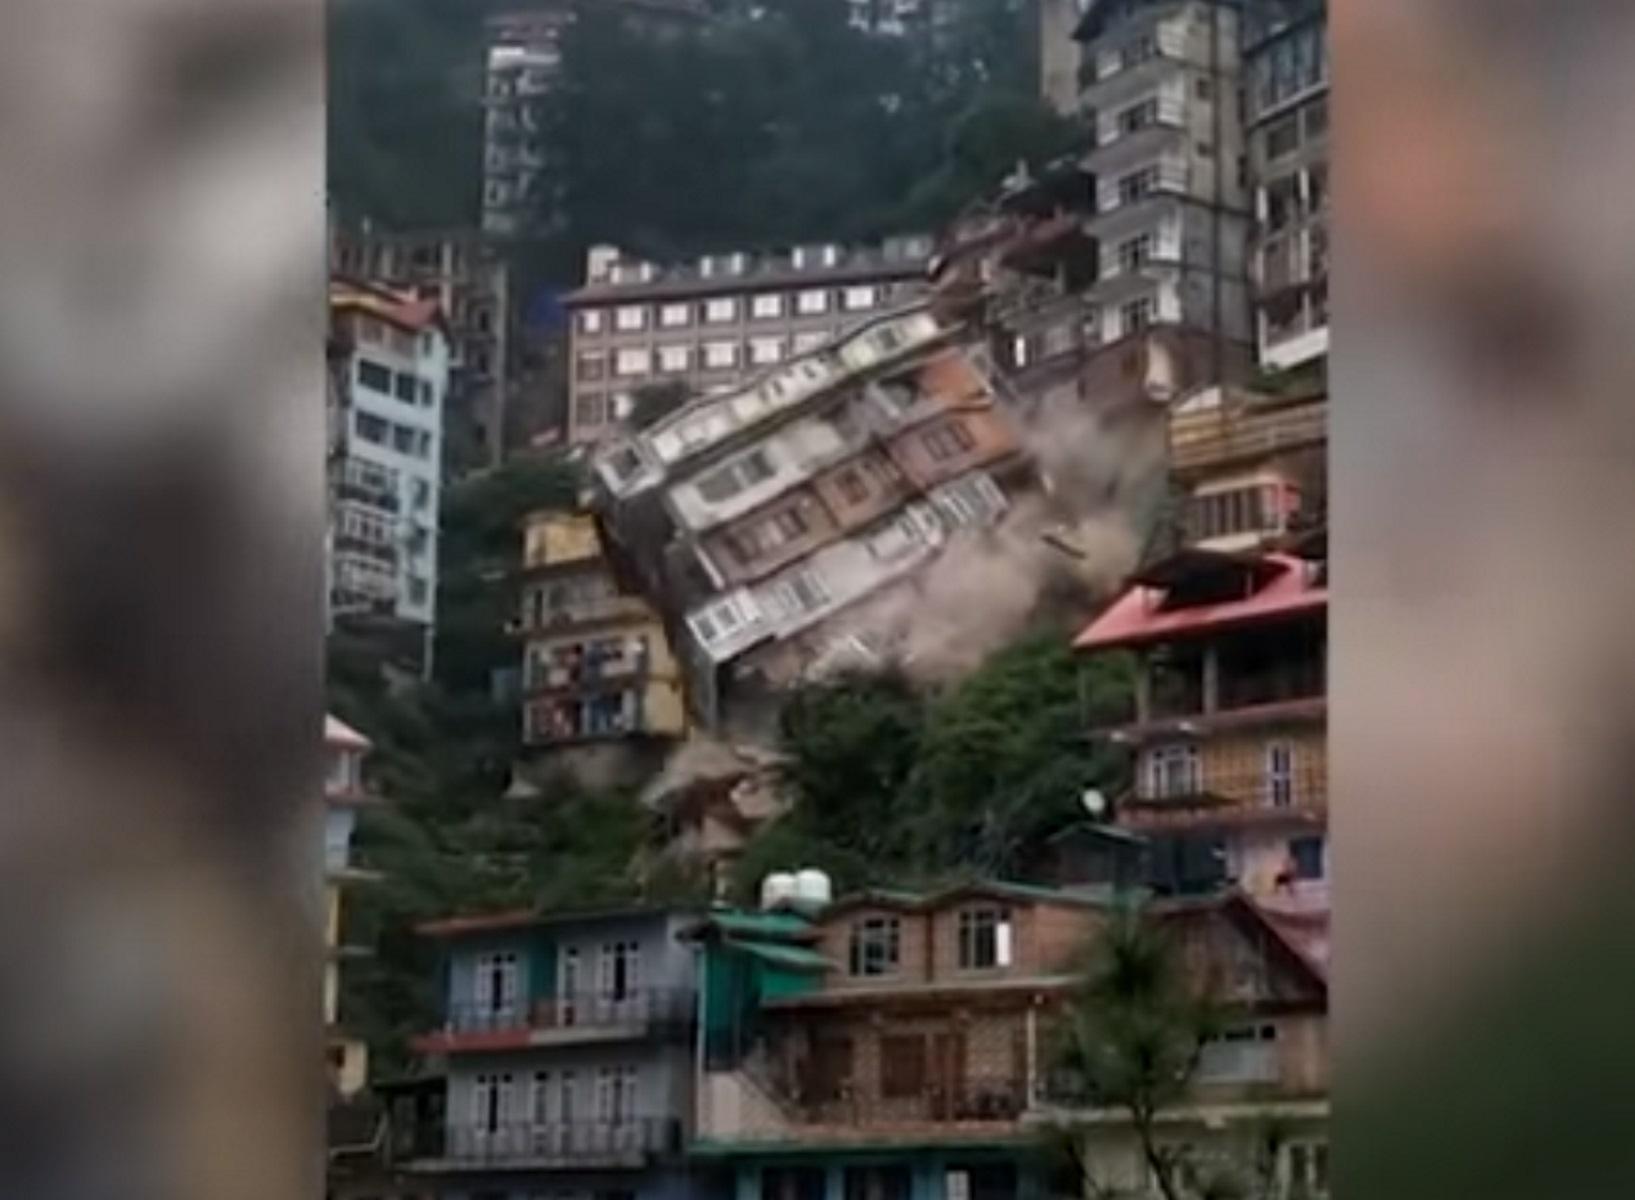 Ινδία: Οκταώροφο κτίριο καταρρέει σαν χάρτινος πύργος